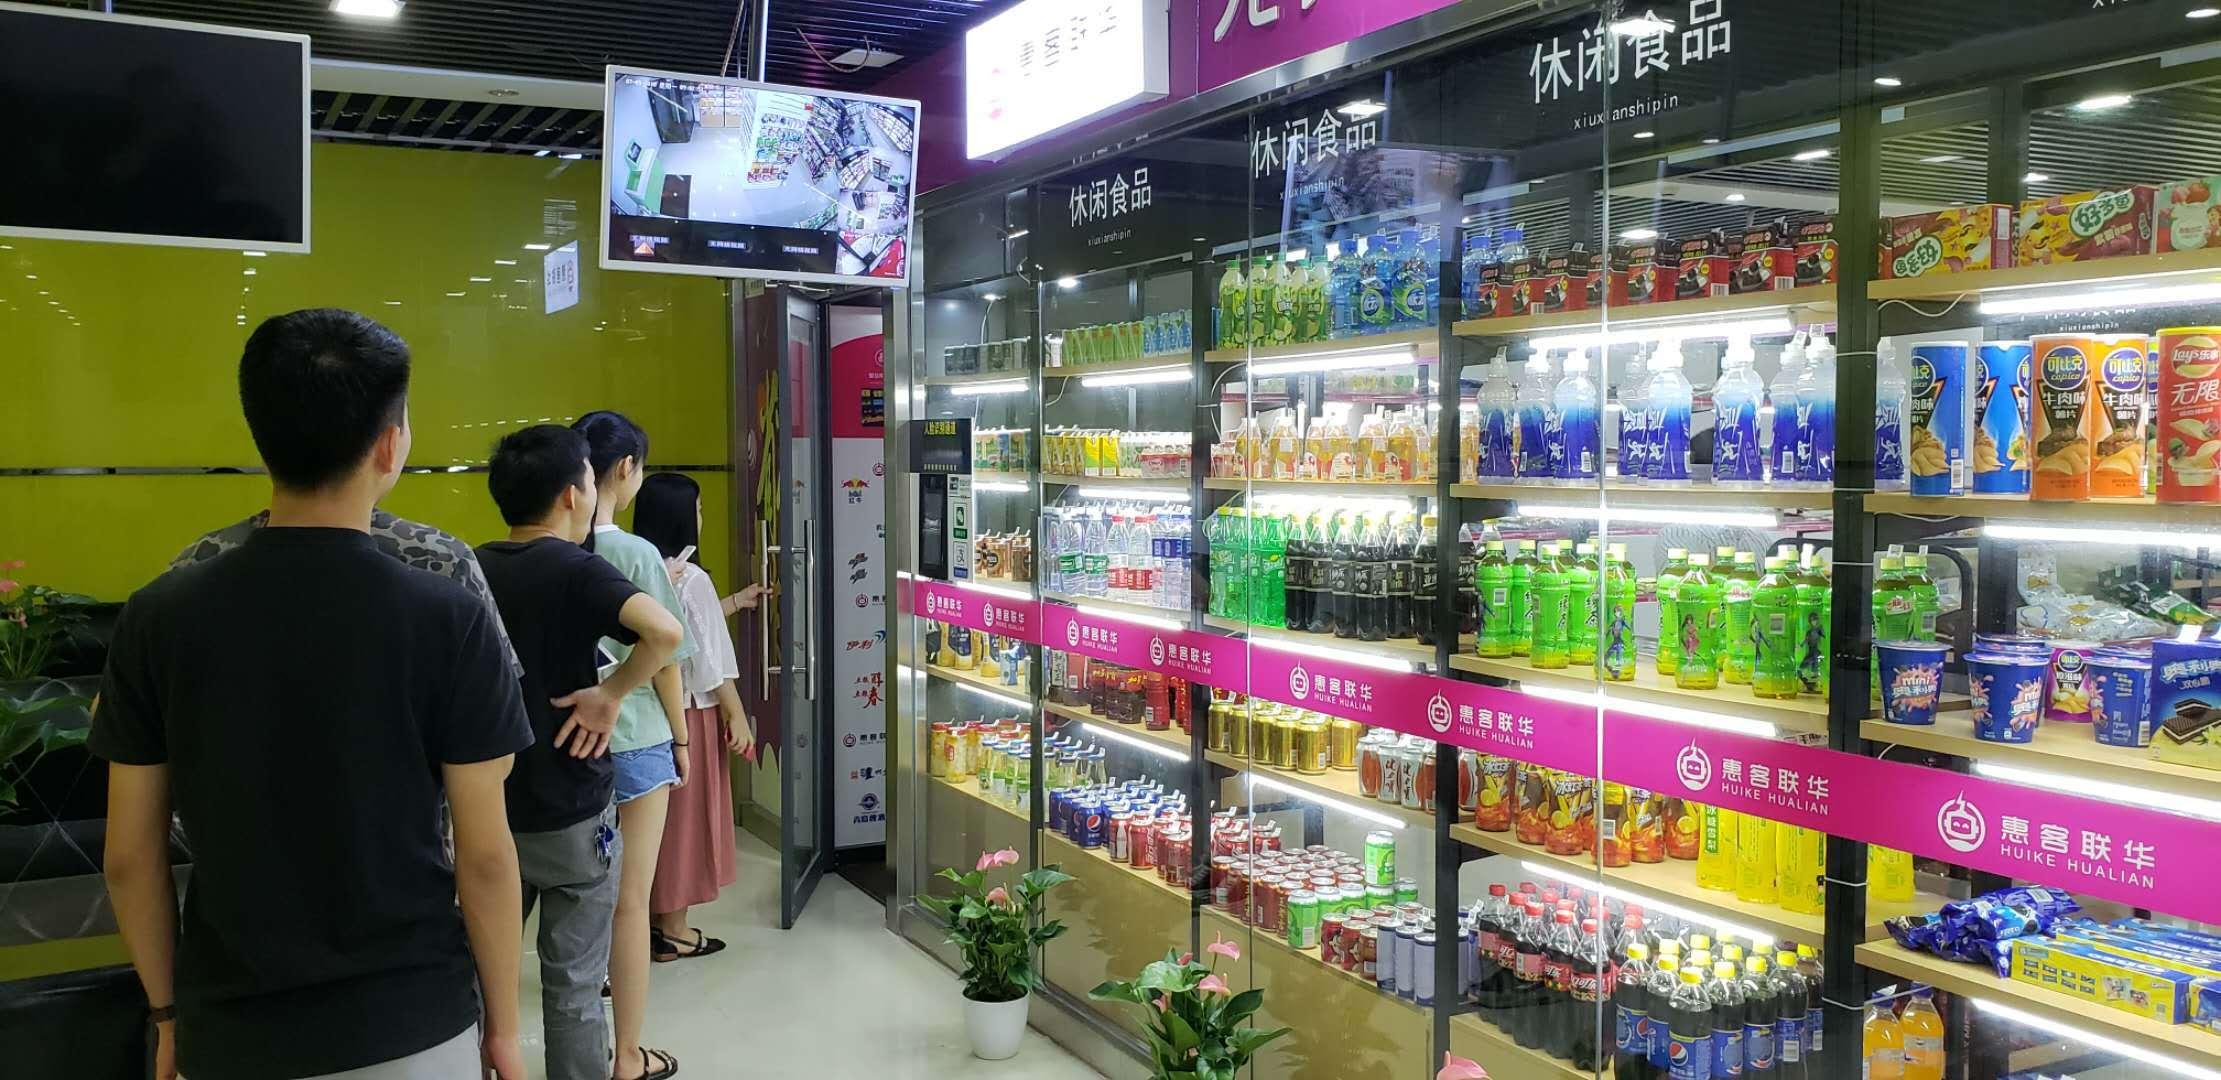 智能科技引领时尚购物新潮水 惠客联华